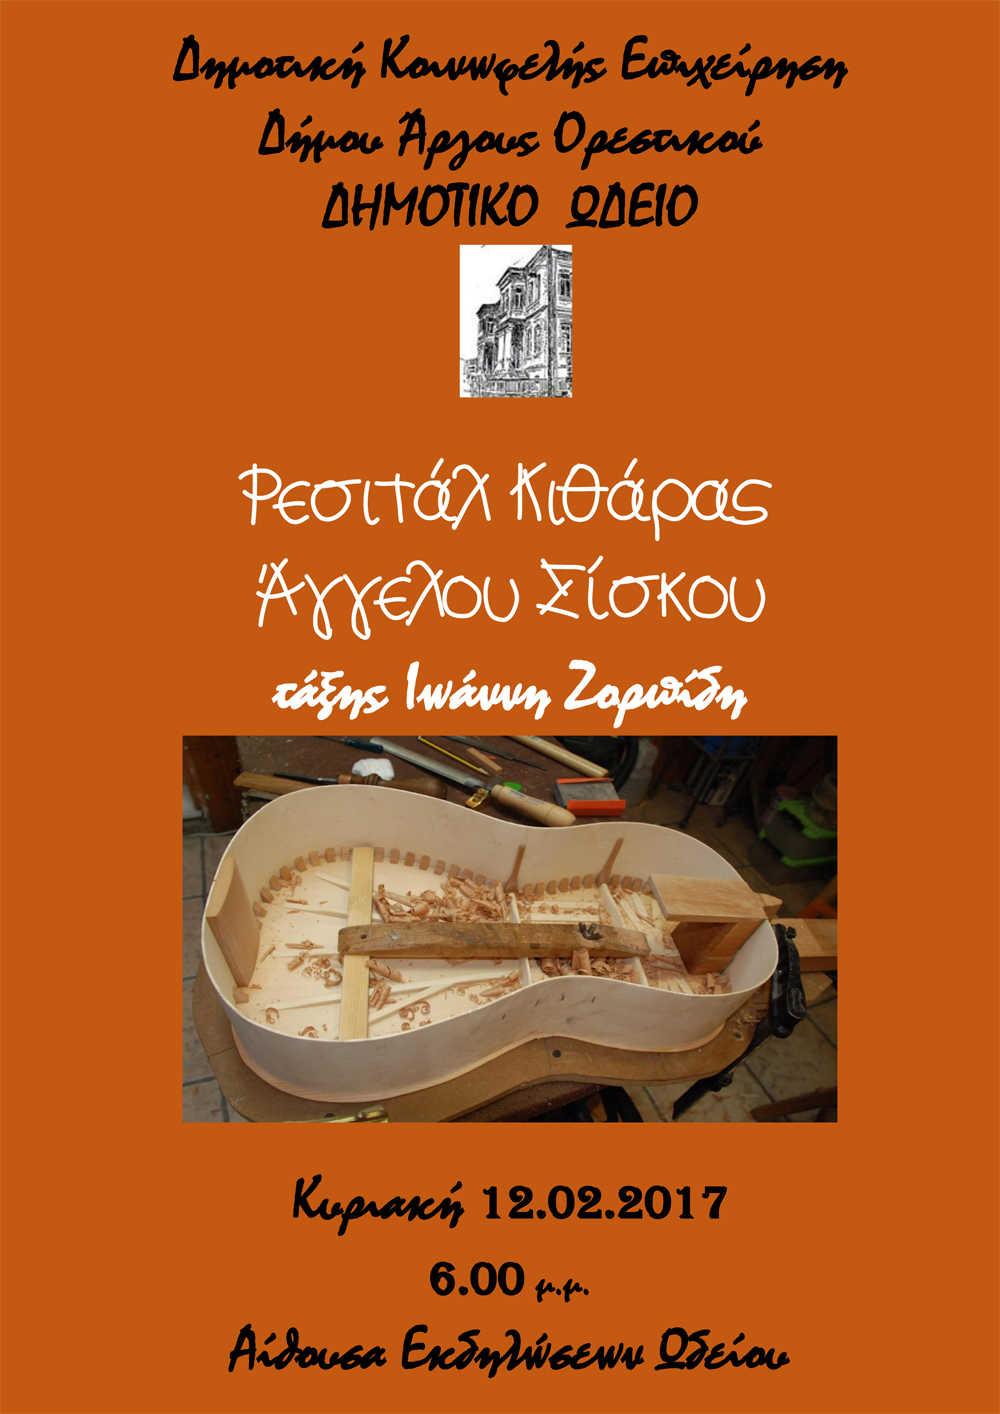 ΑΦΙΣΑ ΓΙΑ 12-2-17 ΑΡΓΟΣ